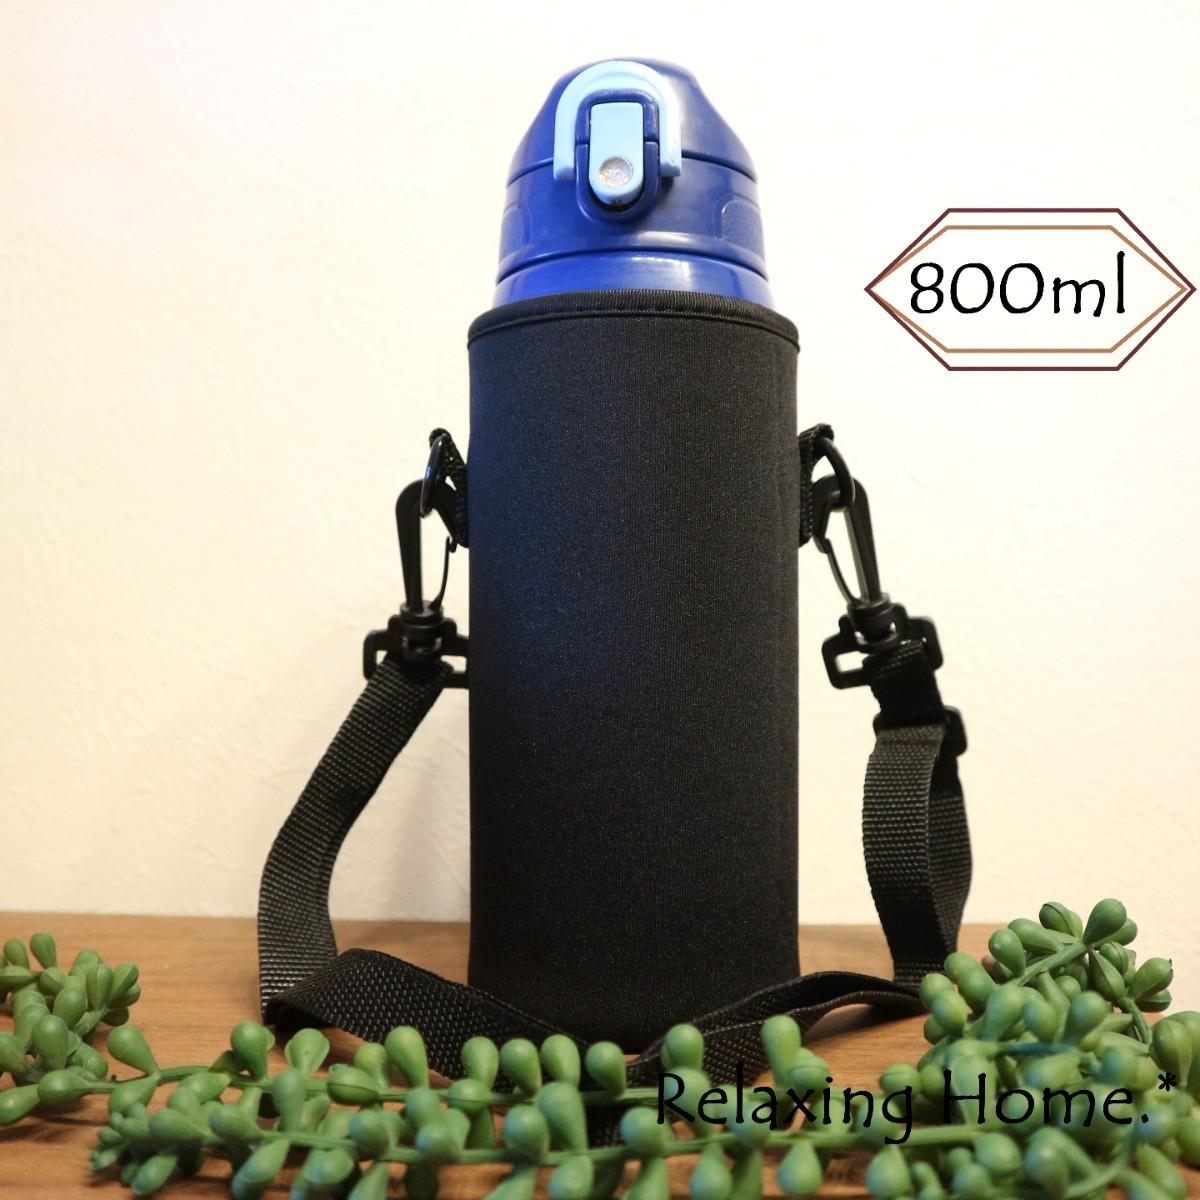 ★水筒カバー★800ml ~600ml水筒ケース 800 ボトルカバー ★2点セット